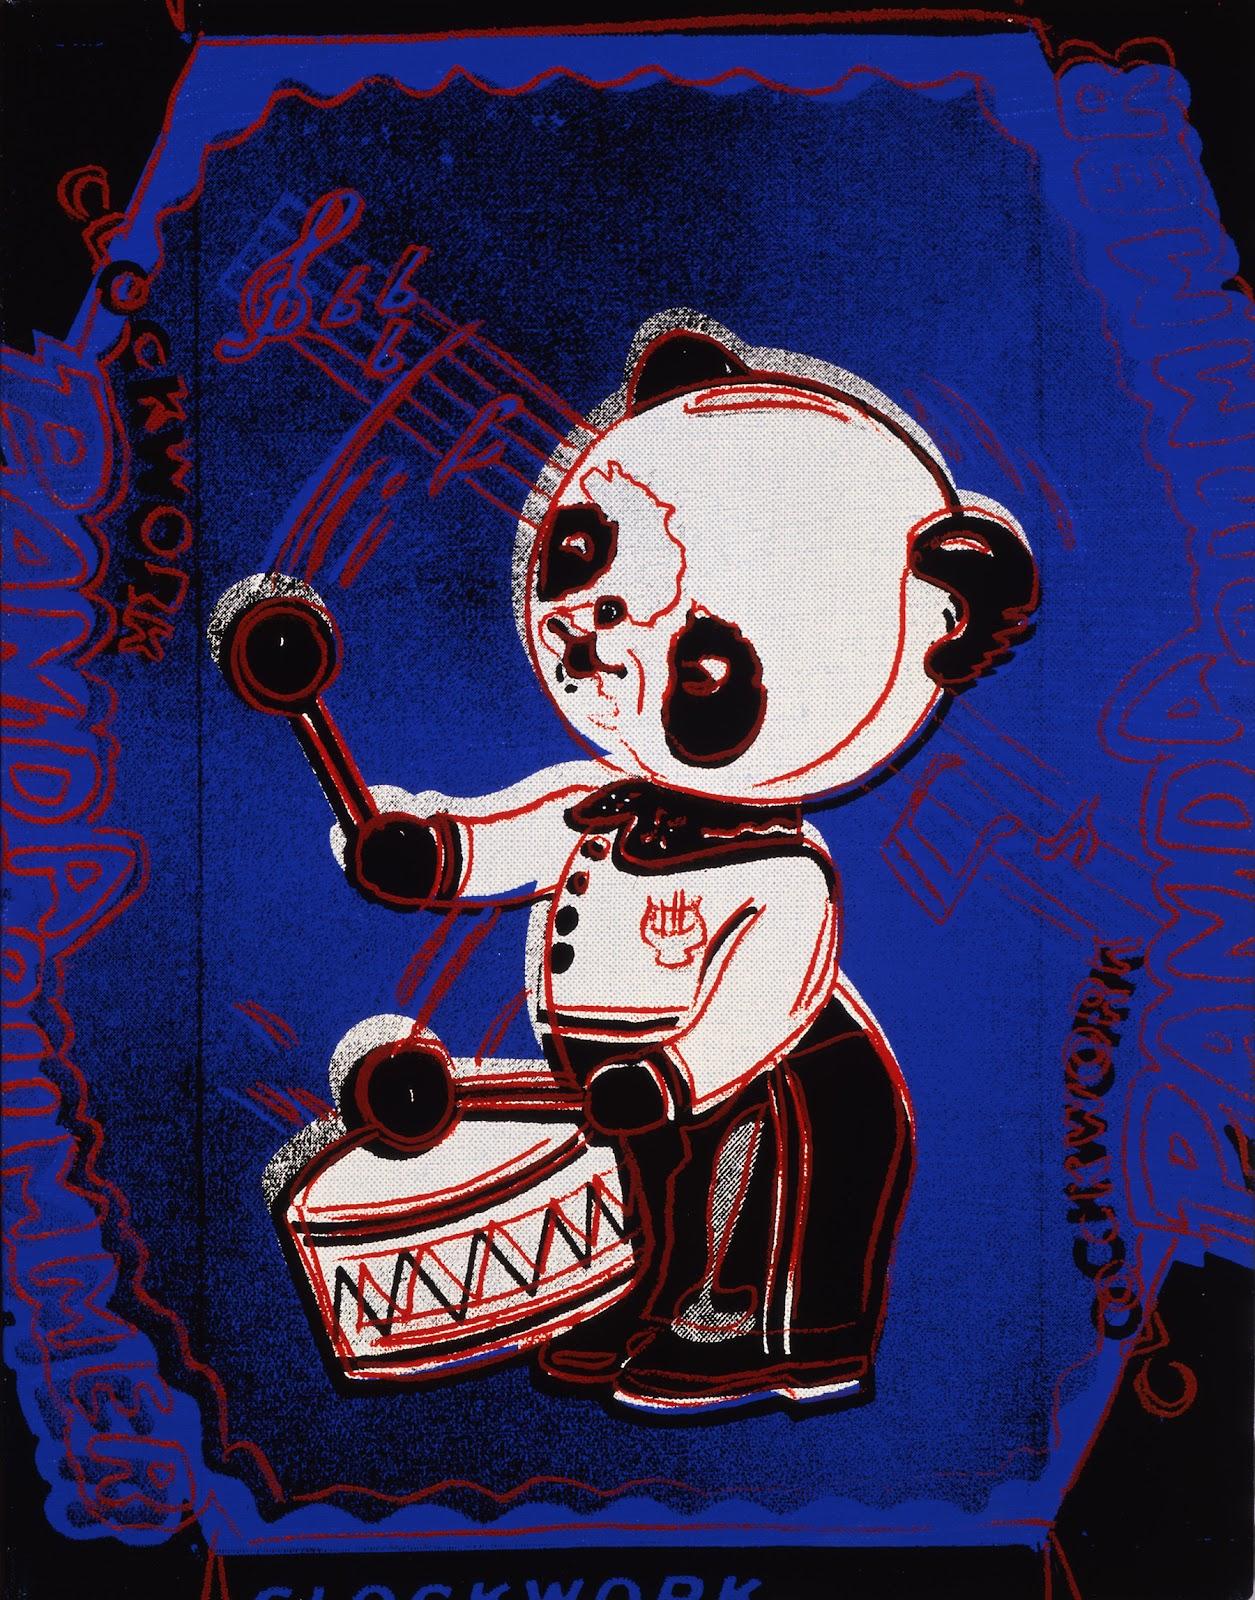 http://2.bp.blogspot.com/-hQIx772KILs/UBT6iA_DIMI/AAAAAAAAATA/ZAimBCnwAas/s1600/4_Andy_Warhol_Clockwork_Panda_Drummer_1983_300dpi.jpg